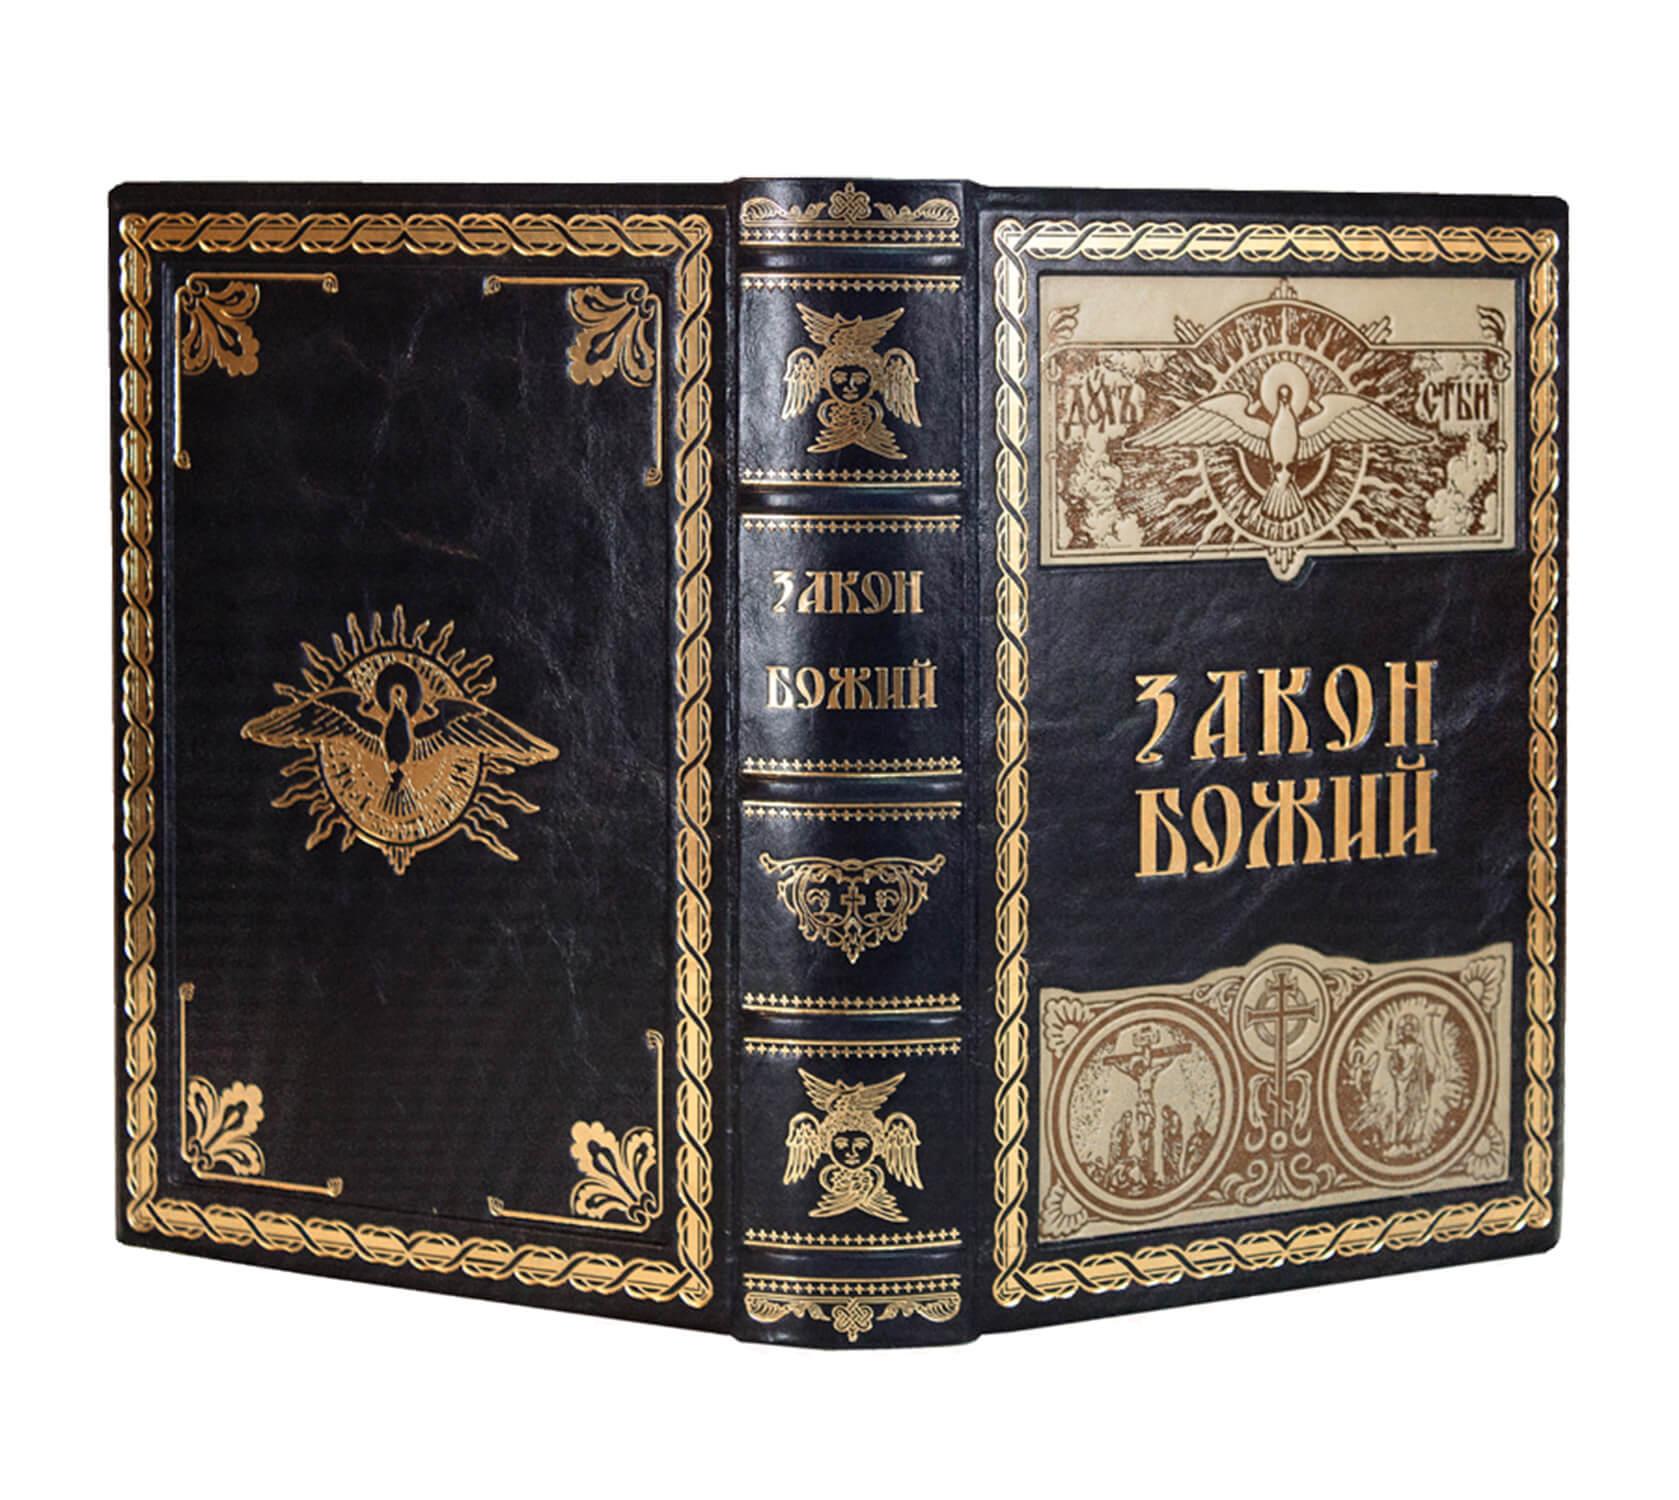 Закон Божий Серафим Слободской подарочное издание